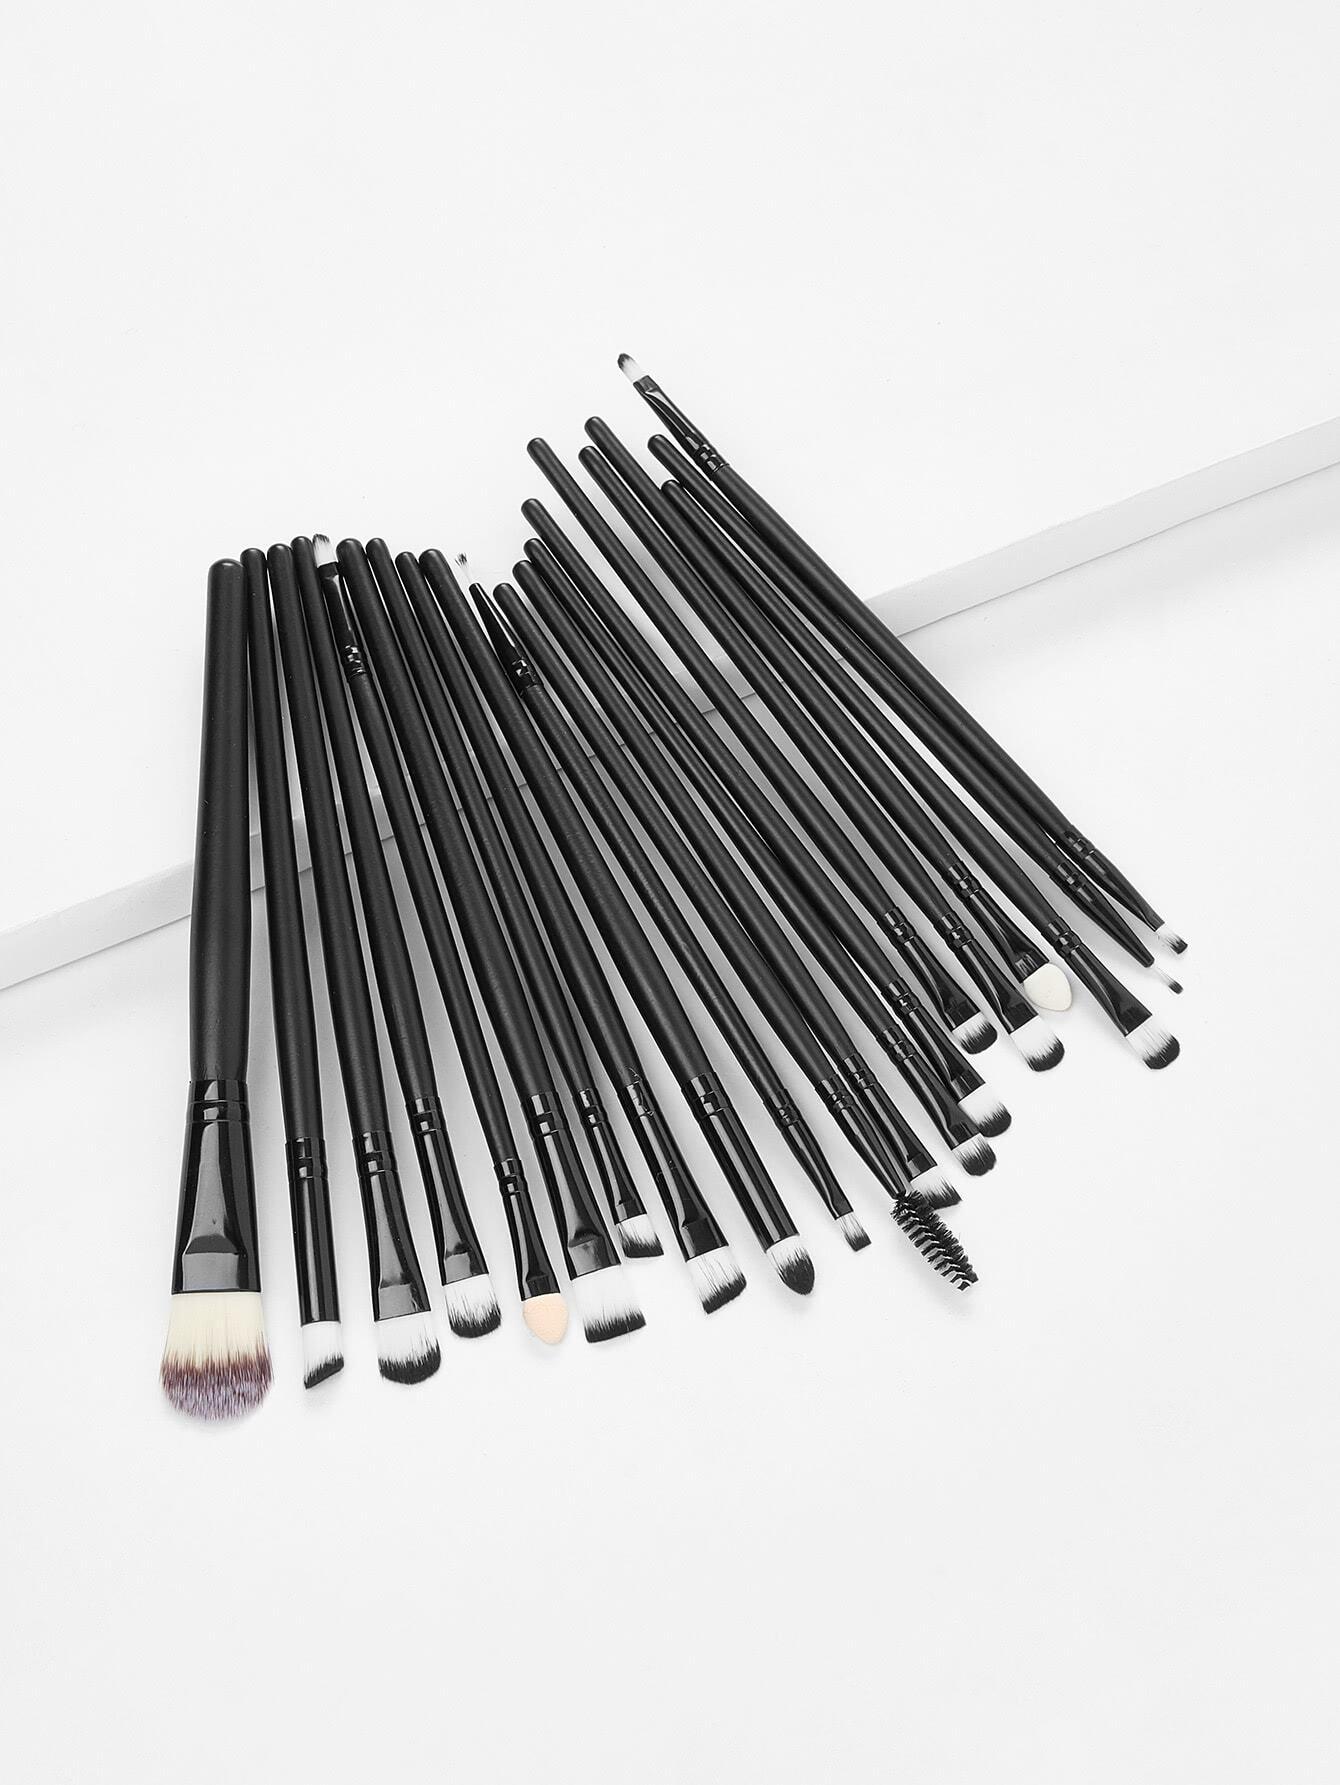 Professional Makeup 20pcs Brushes Set Powder Foundation Eyeshadow Eyeliner